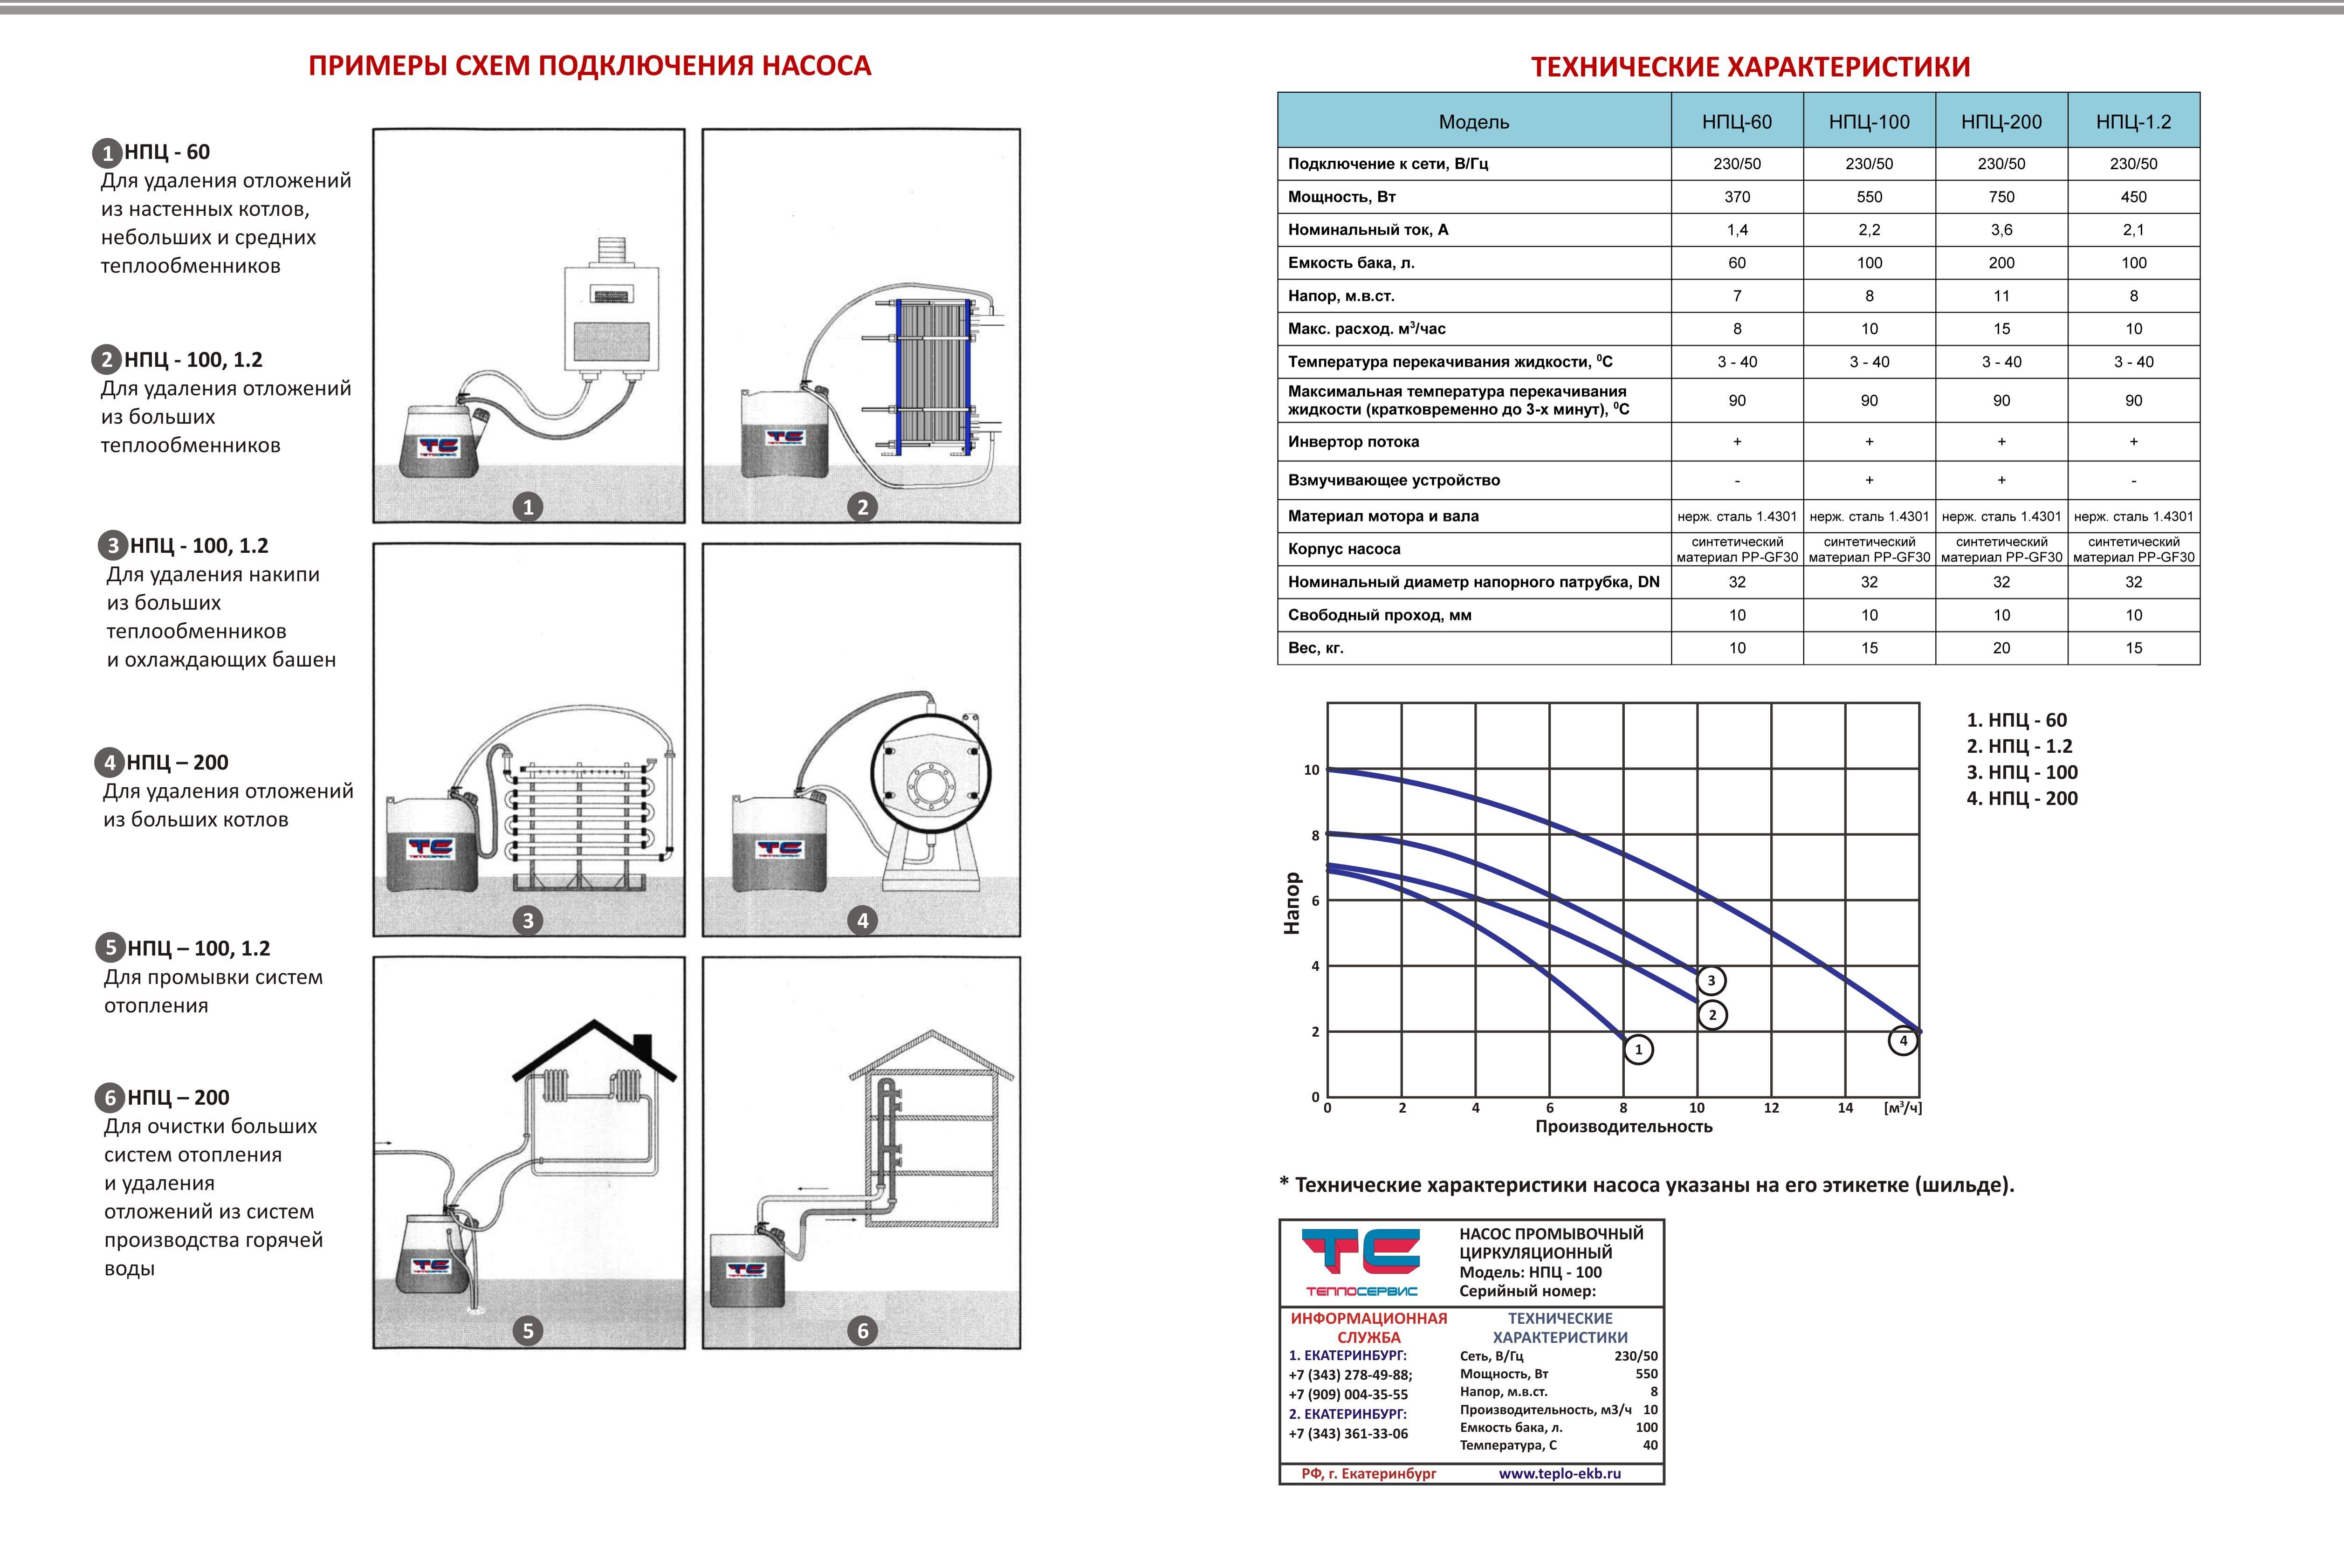 Технические характеристики насосов НПЦ new